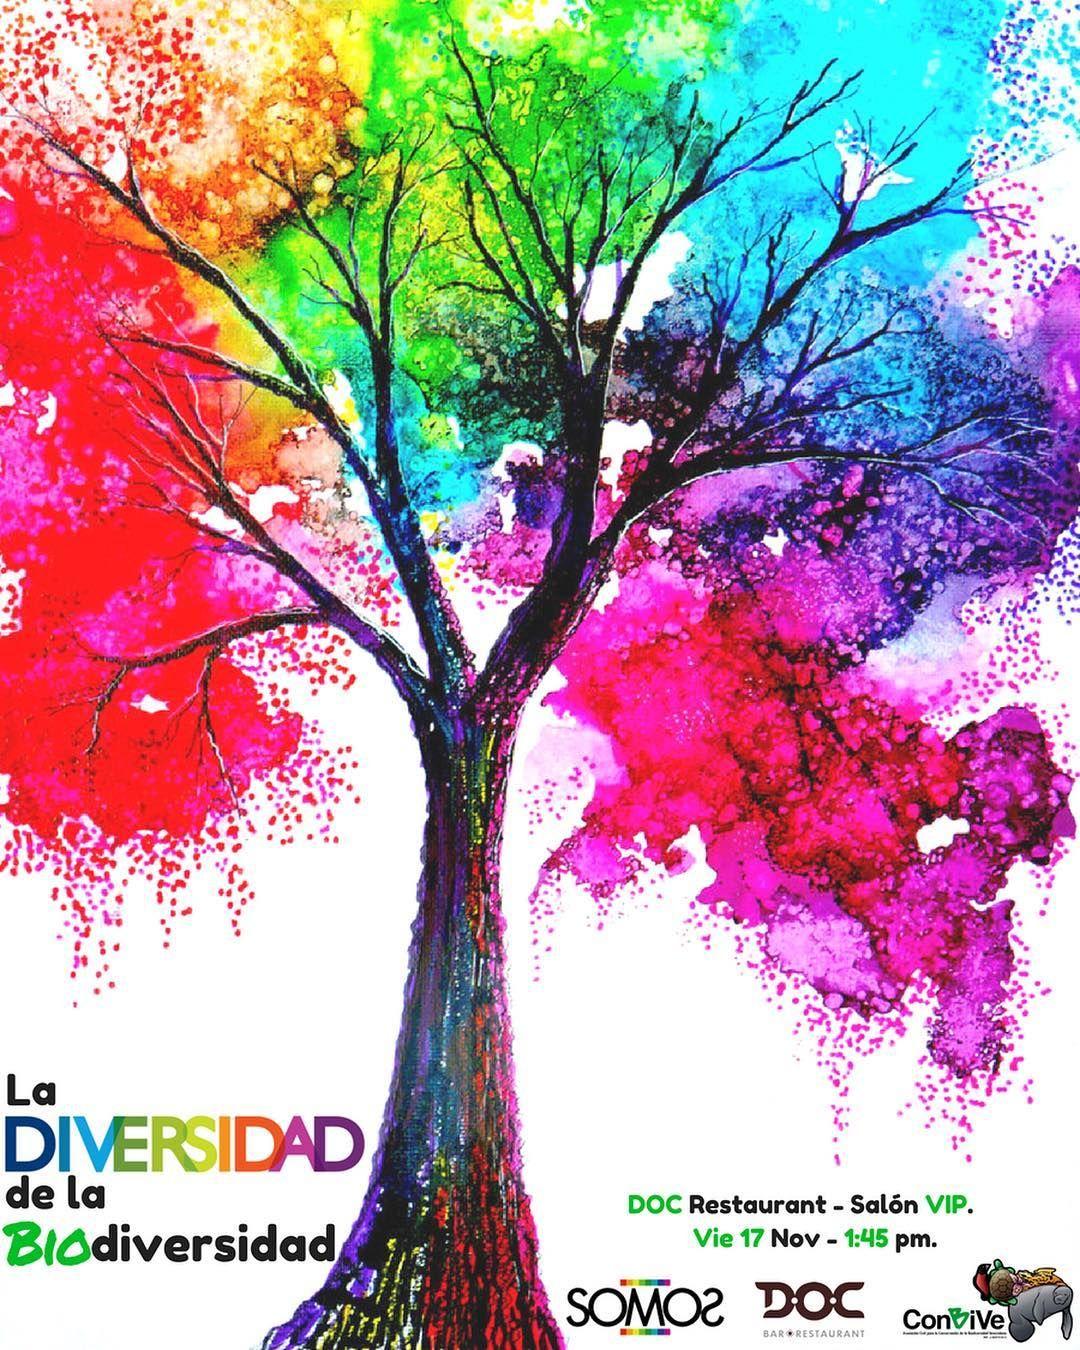 La Diversidad De La Biosiversidad En Conbive Queremos Mostrarte Que La Biodiversidad Esta En Todas Partes Por Eso Siempre Busc Tree Art Diy Art Projects Art